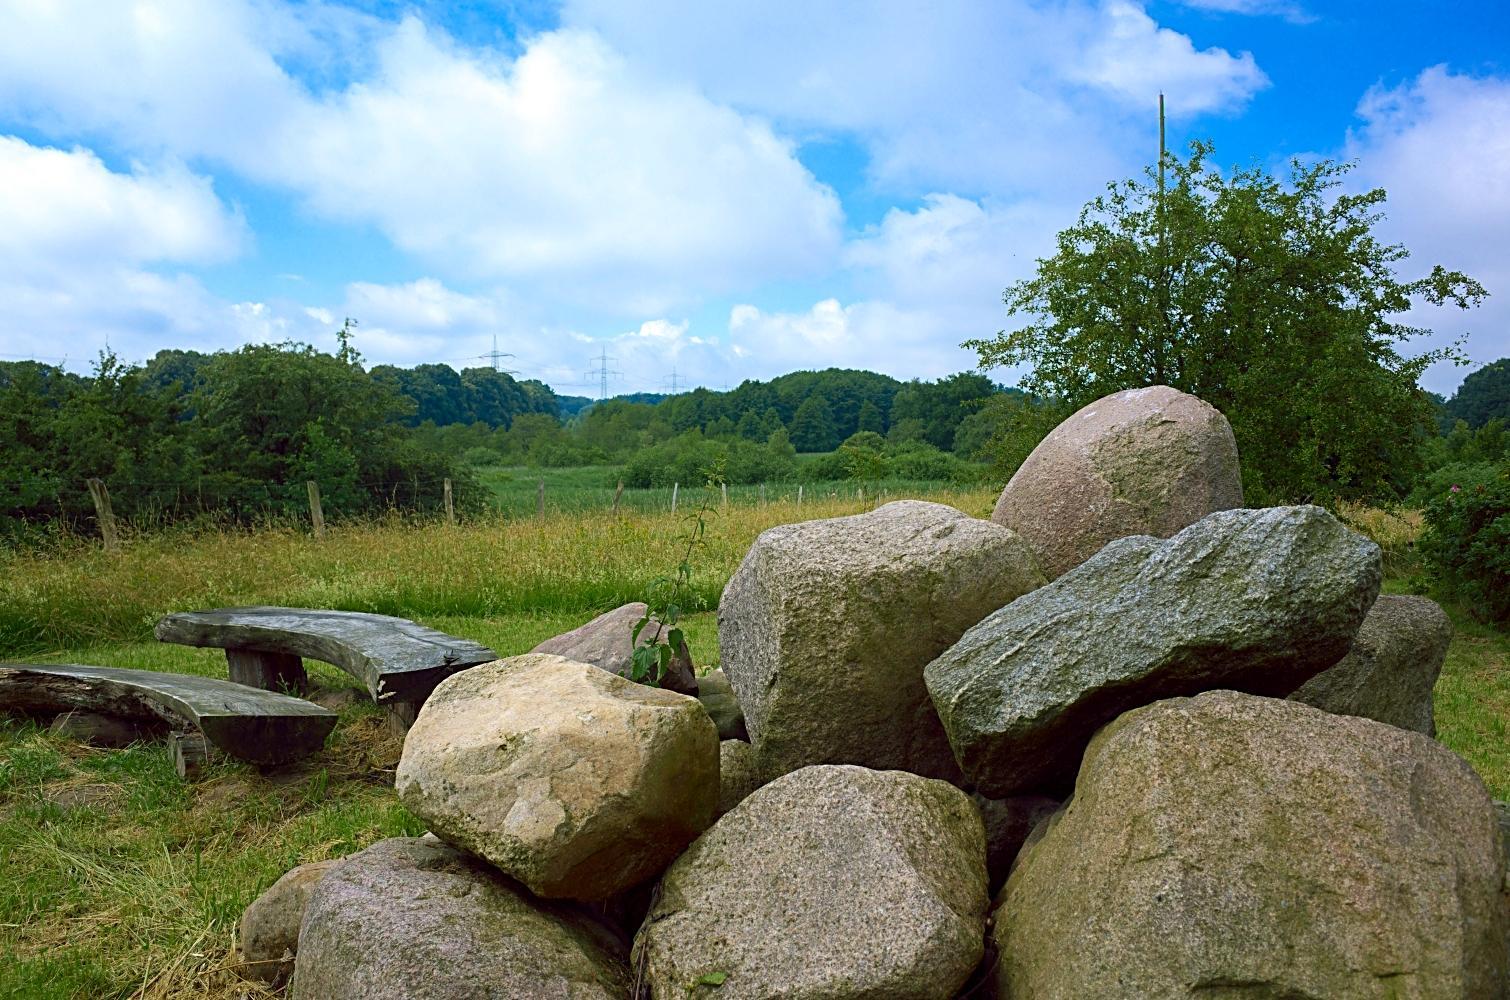 Crivitz - Im Arboretum am 29.06.2016